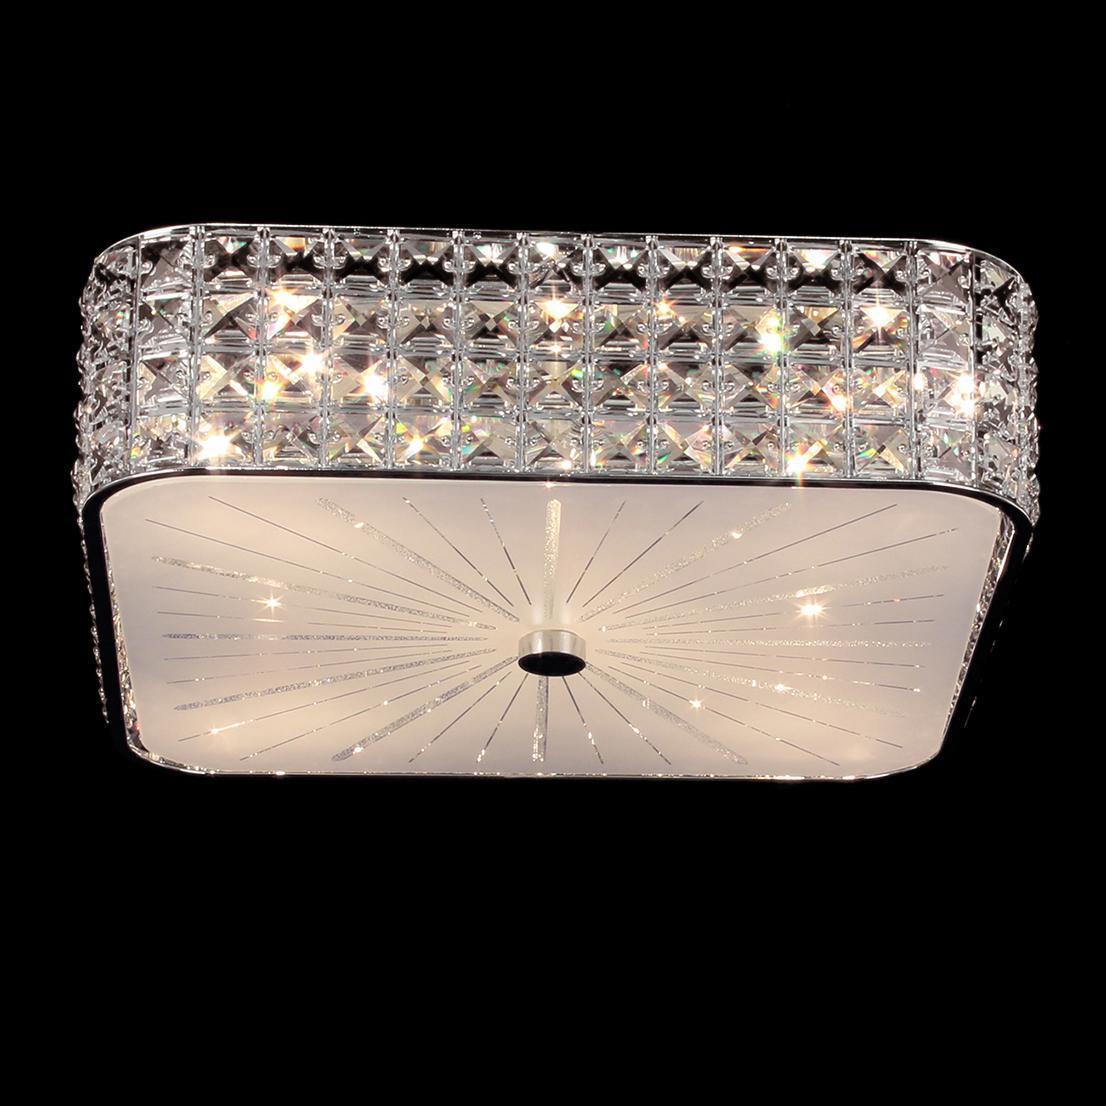 Потолочный светильник Citilux Портал CL324261 потолочный светильник citilux портал cl324261